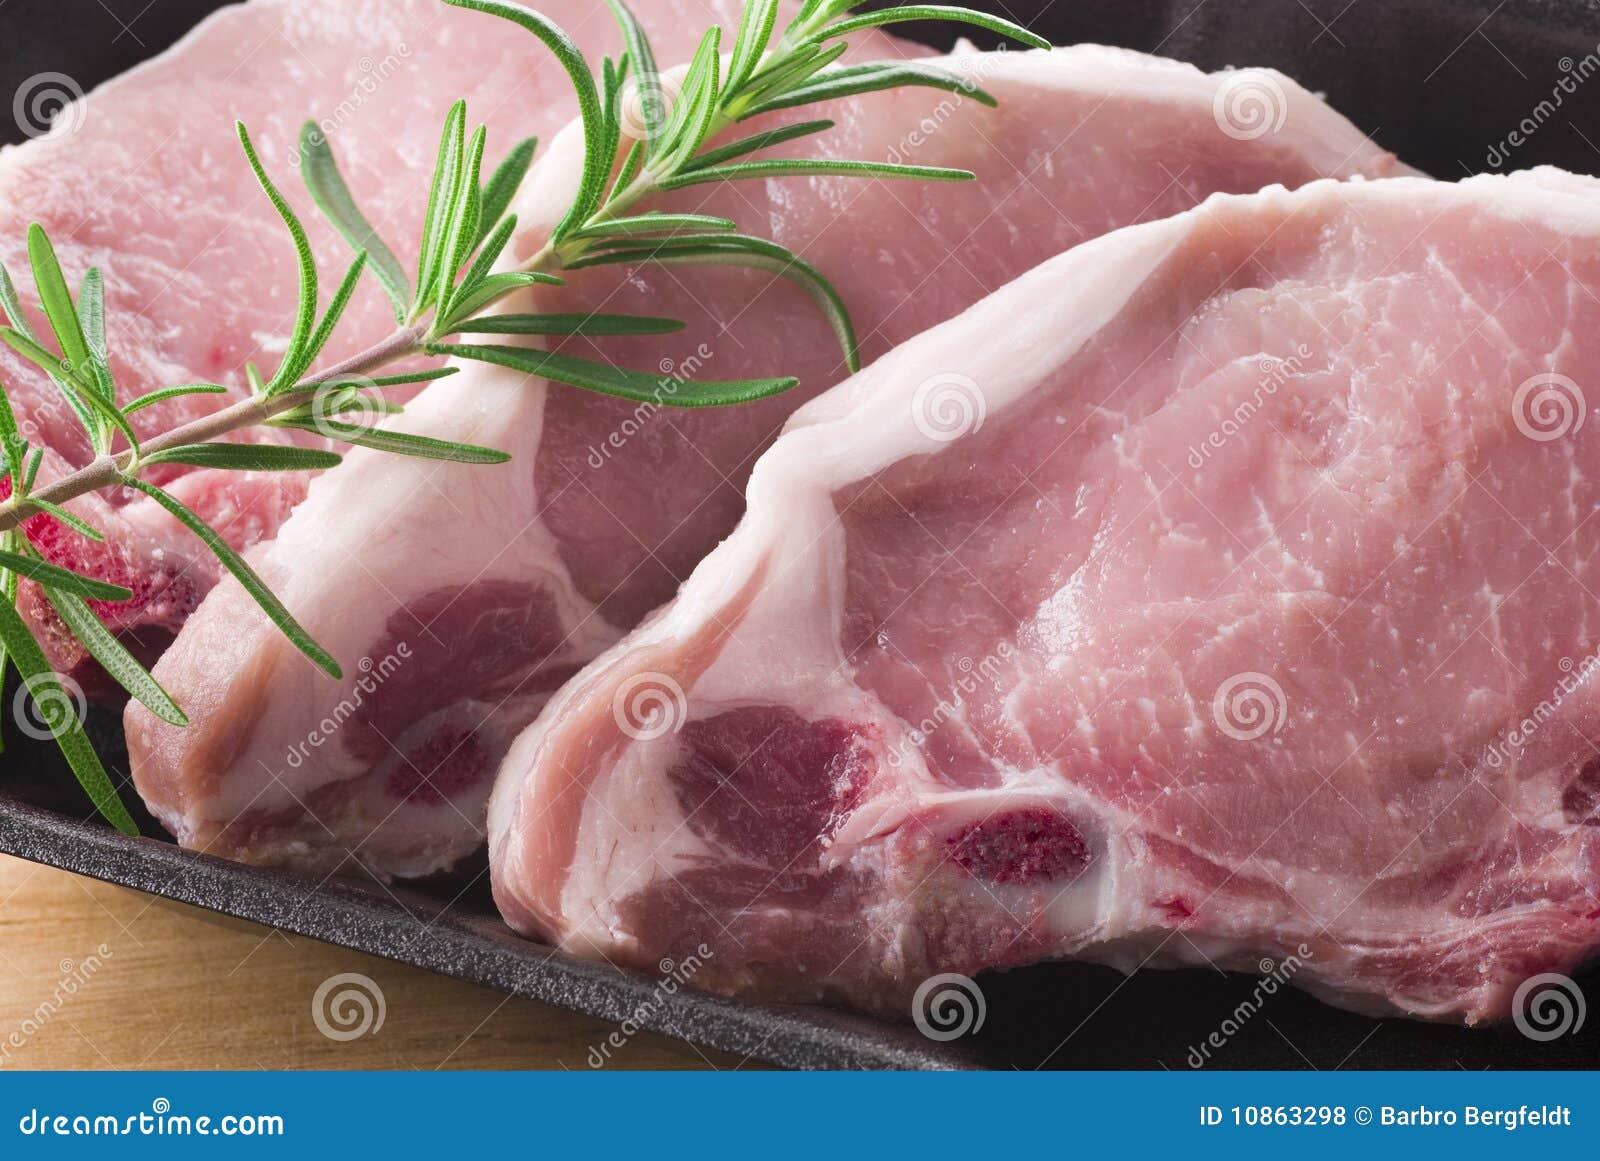 Hugger av pork